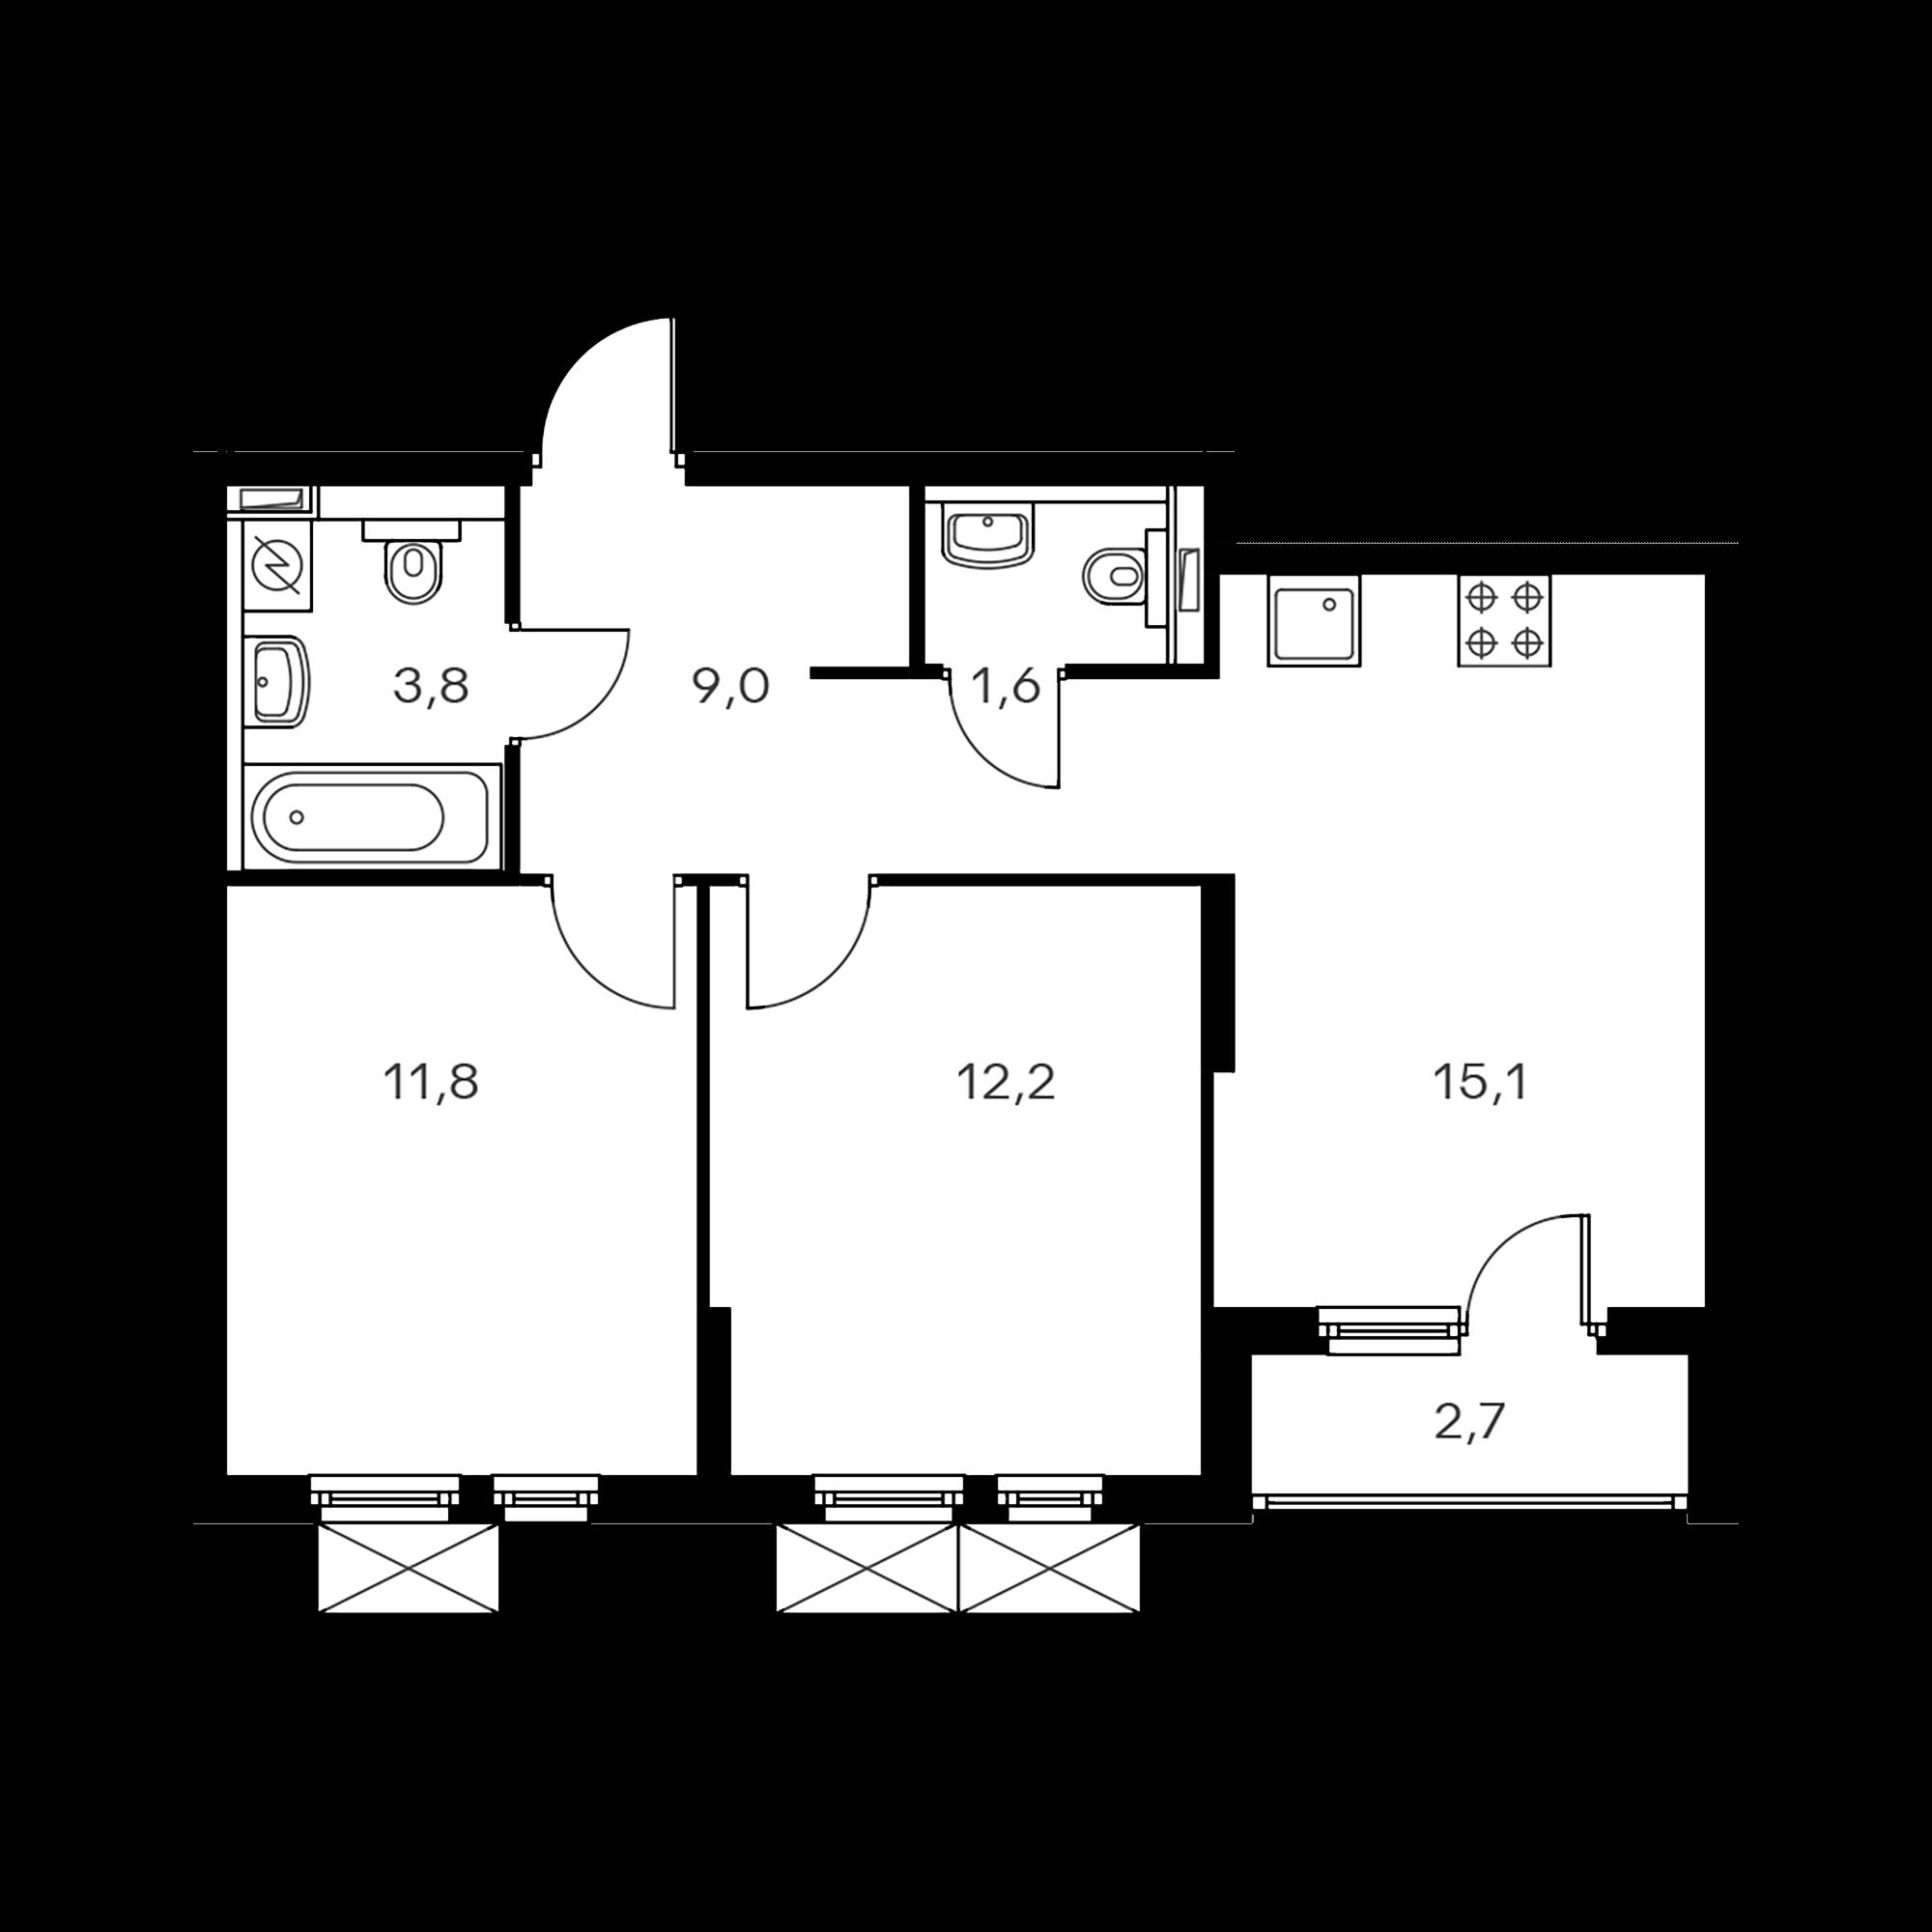 2EM8_9.9-1_S_ZL1